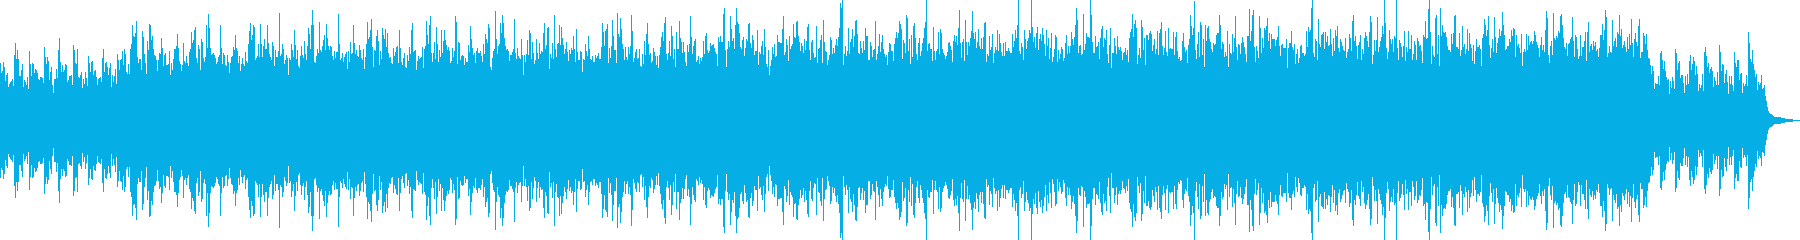 オーケストラ・企業VP・美しい・壮大の再生済みの波形